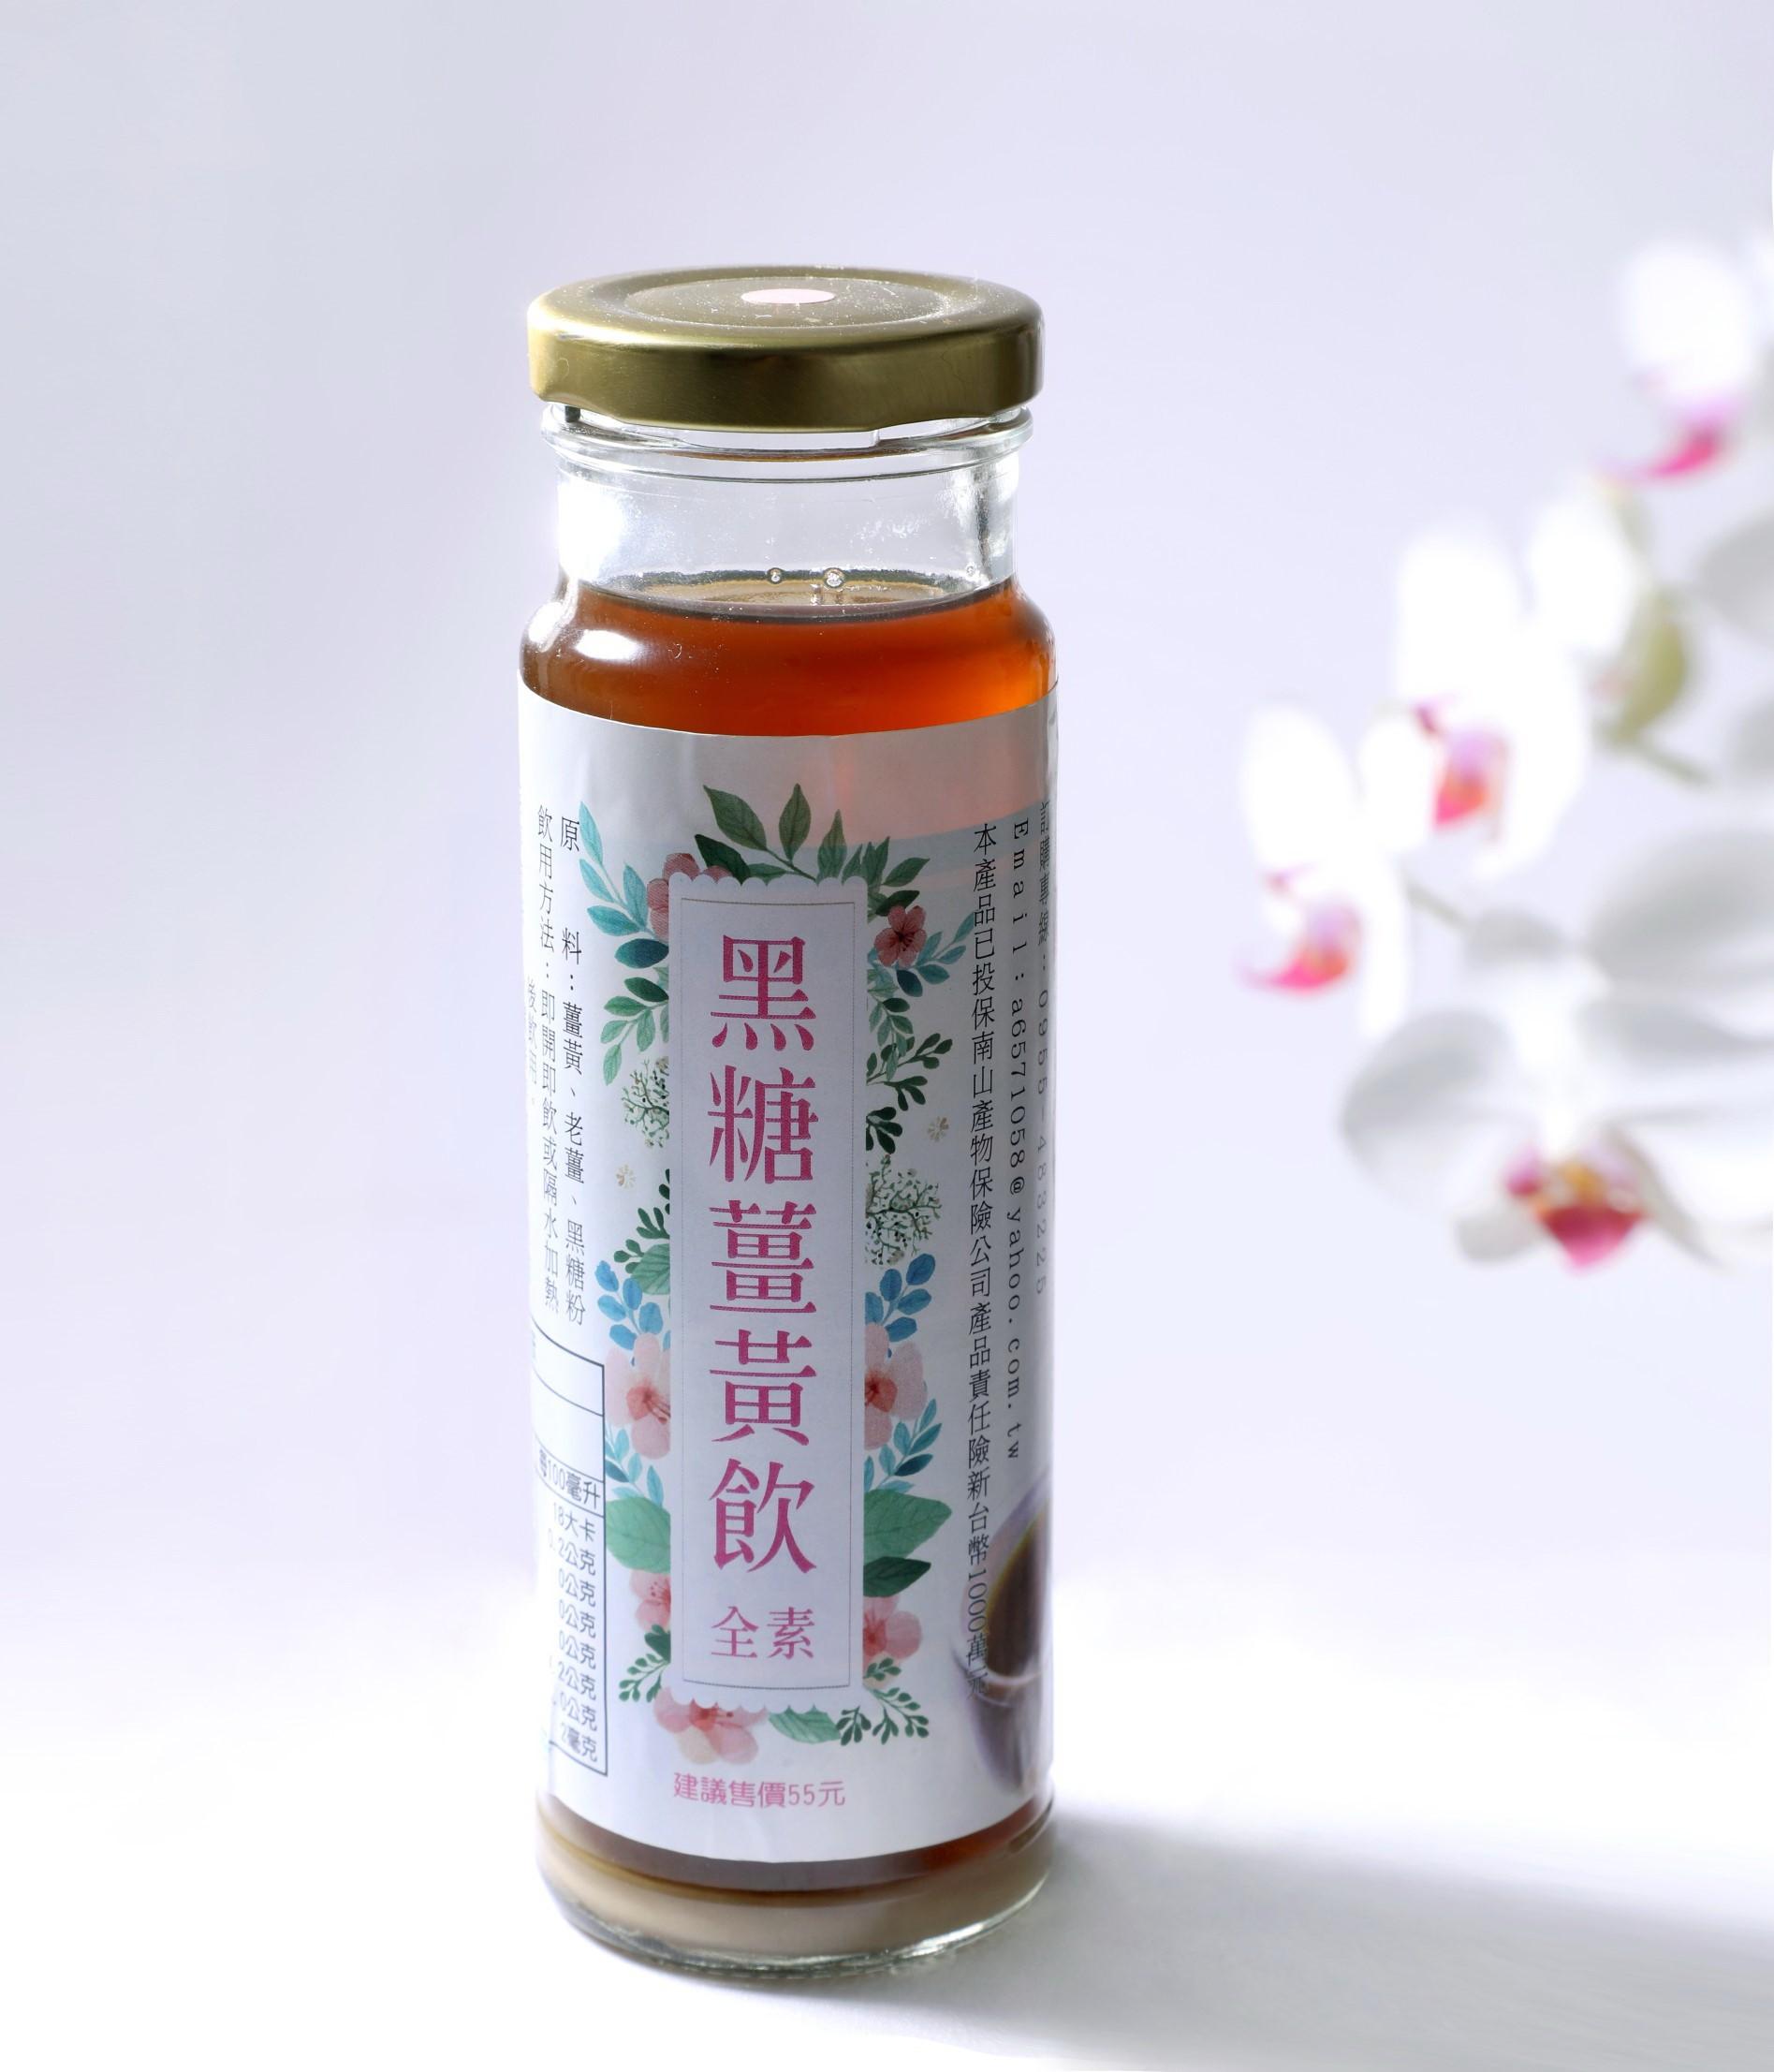 【士官長料理】黑糖薑黃飲36瓶裝